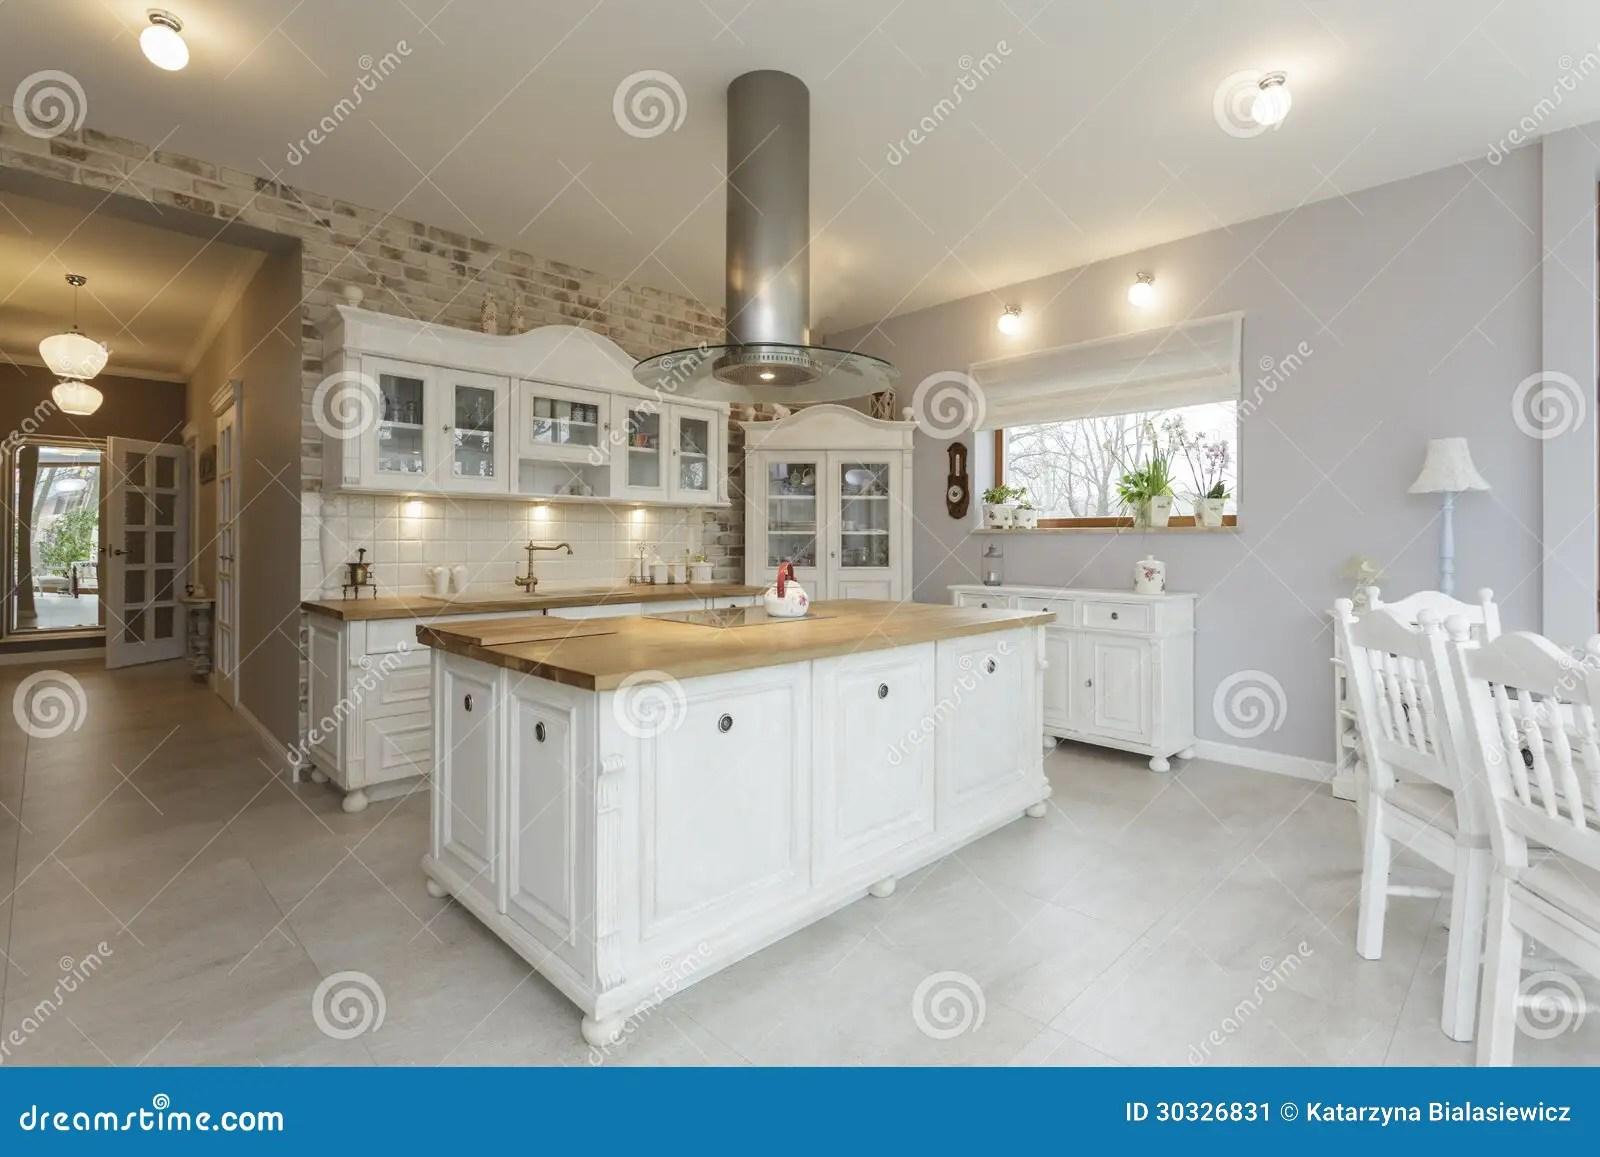 tuscany kitchen faucet hanging baskets for 托斯卡纳 厨房工作台面库存图片 图片包括有计数器 地中海 烹饪器材 厨房工作台面